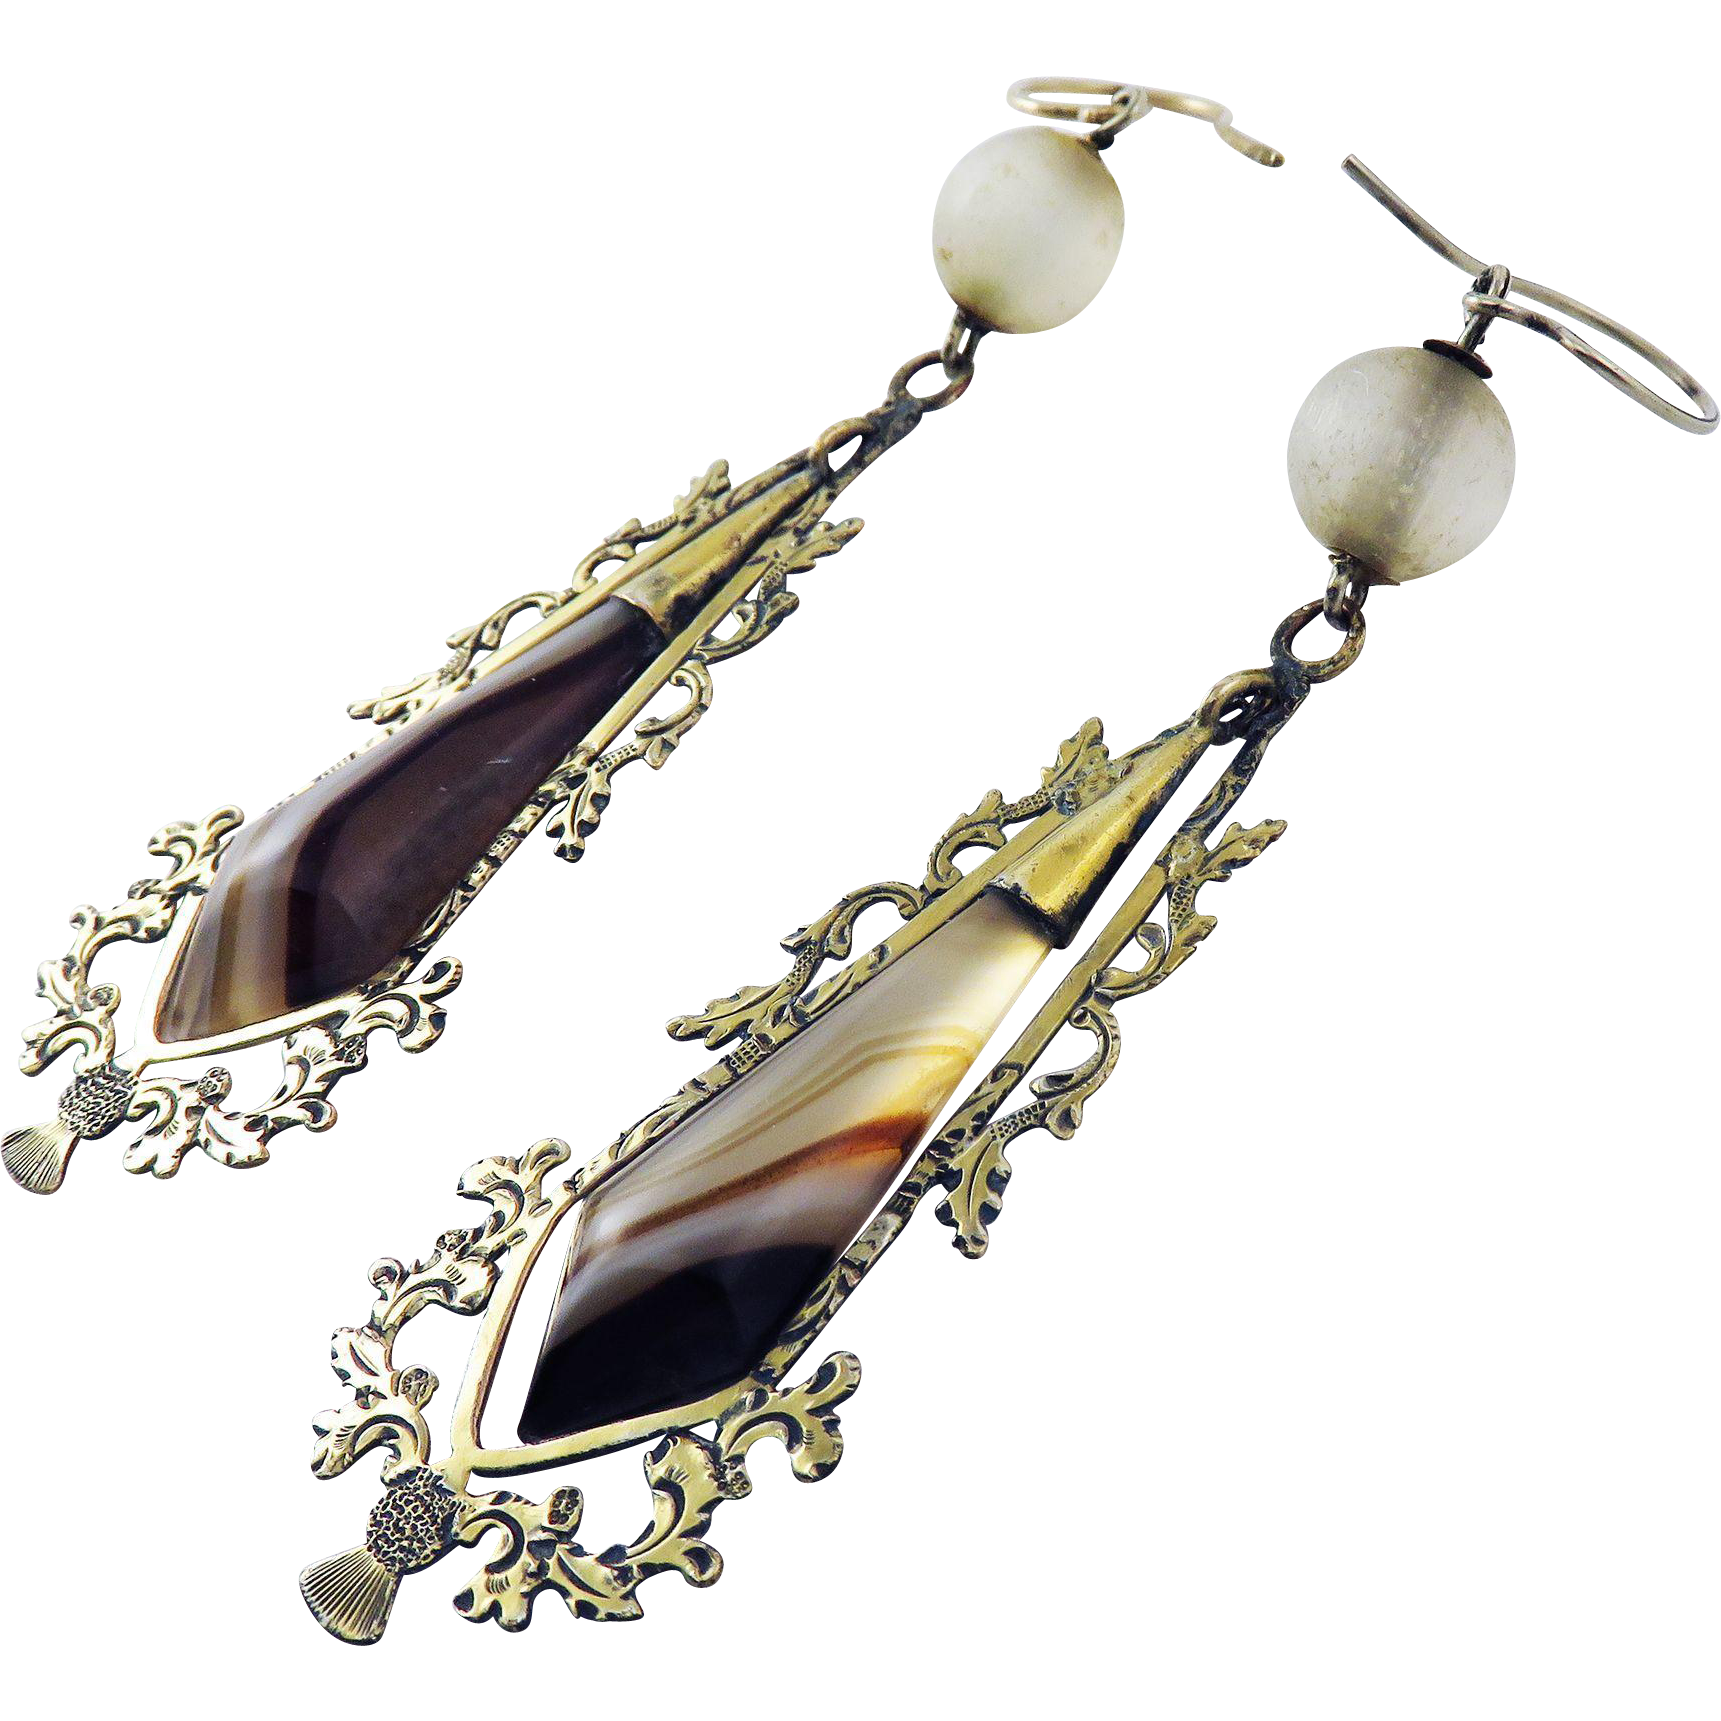 """SPLENDID 3"""" Scottish Banded Agate/Fluorite/Copper Gilt/14k Earrings, c.1845!"""